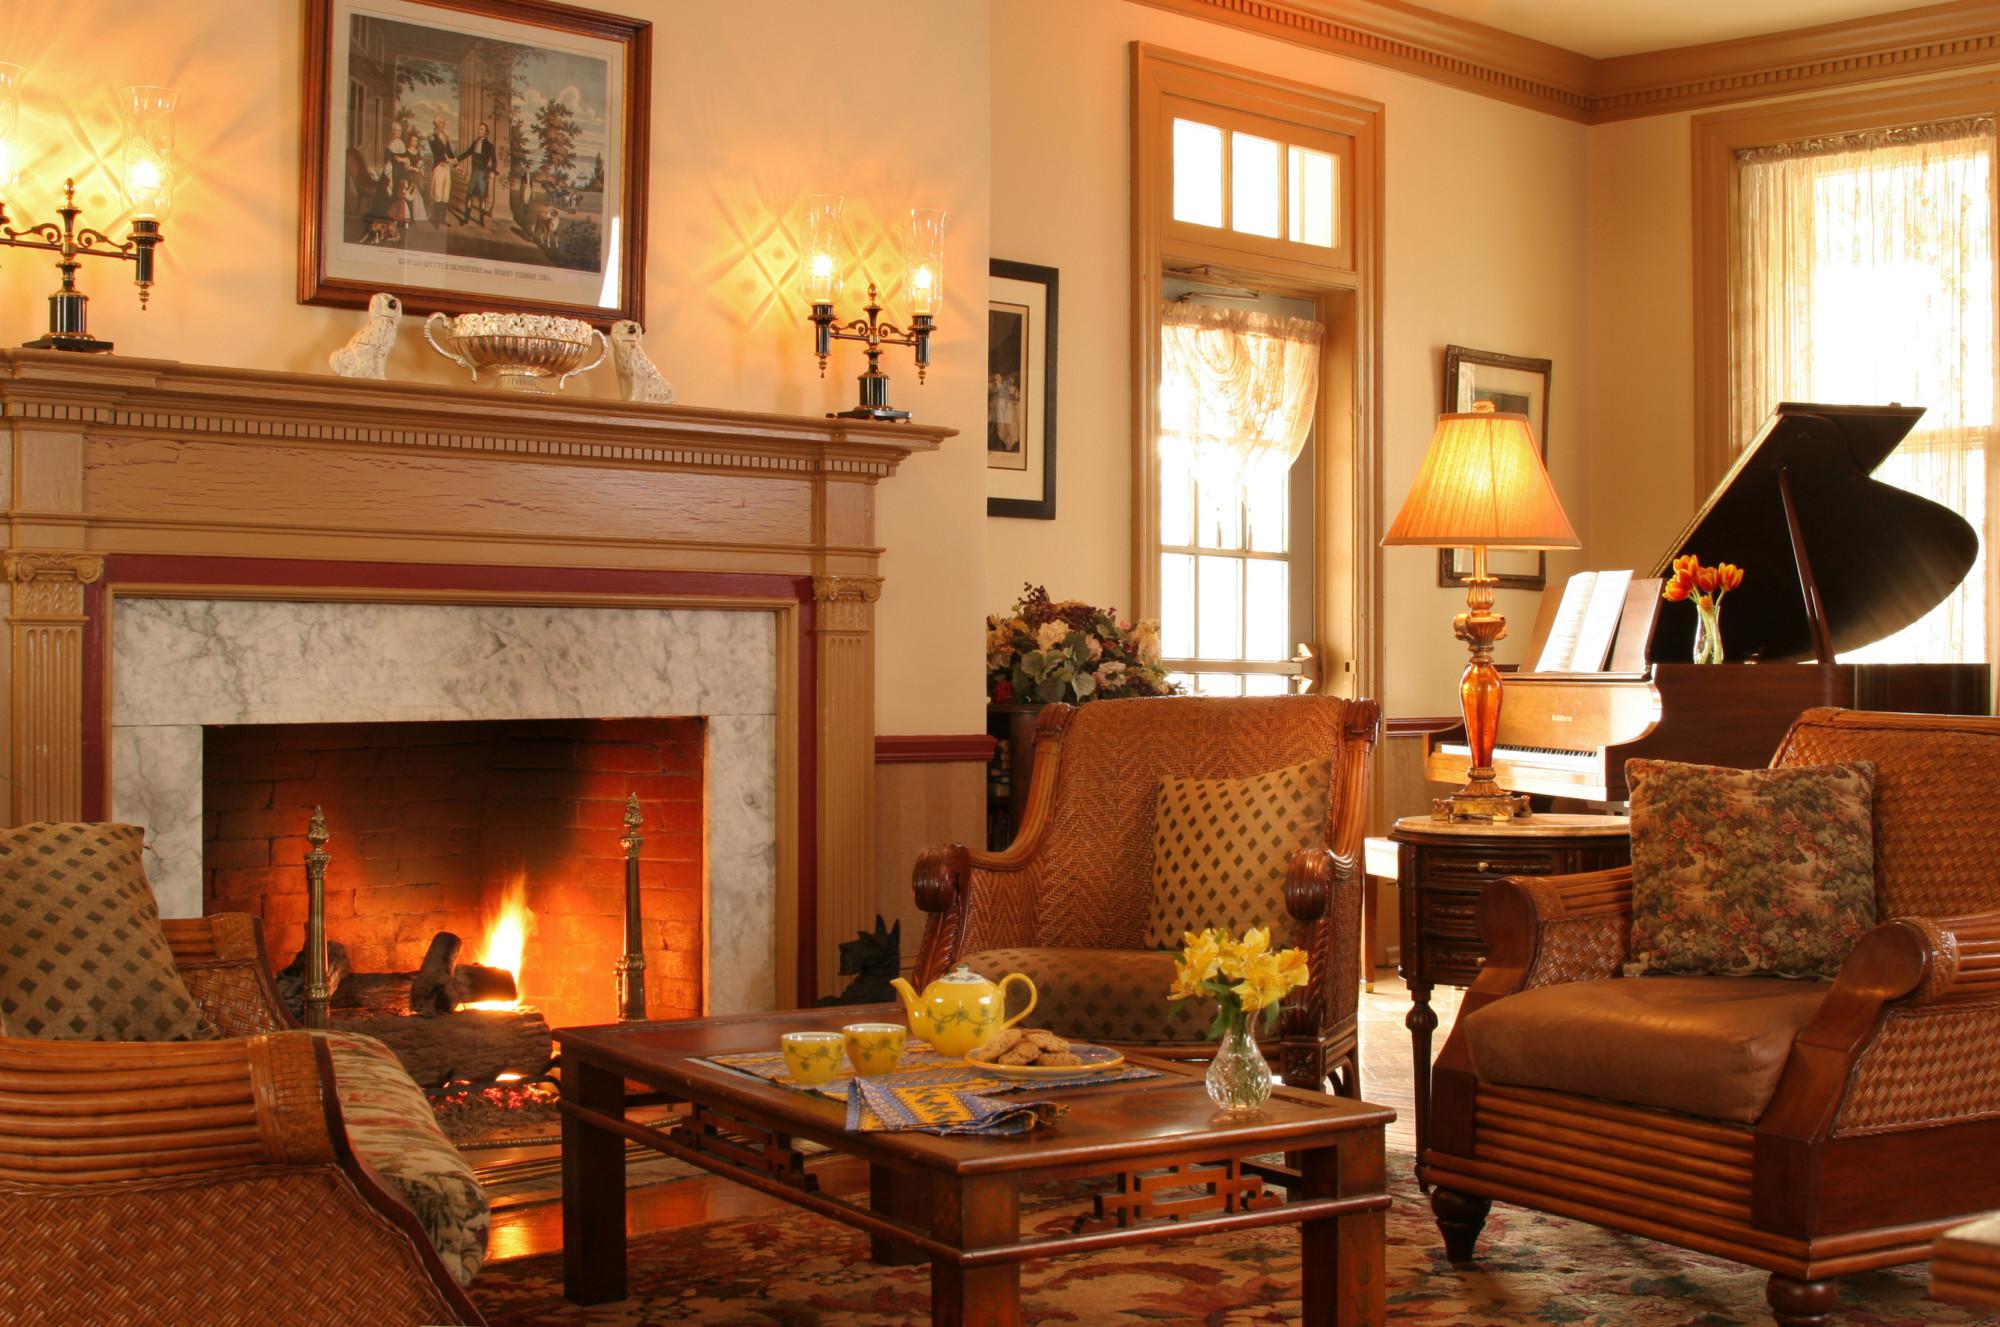 Easton Pennsylvania Inn for Sale - The B&B Team